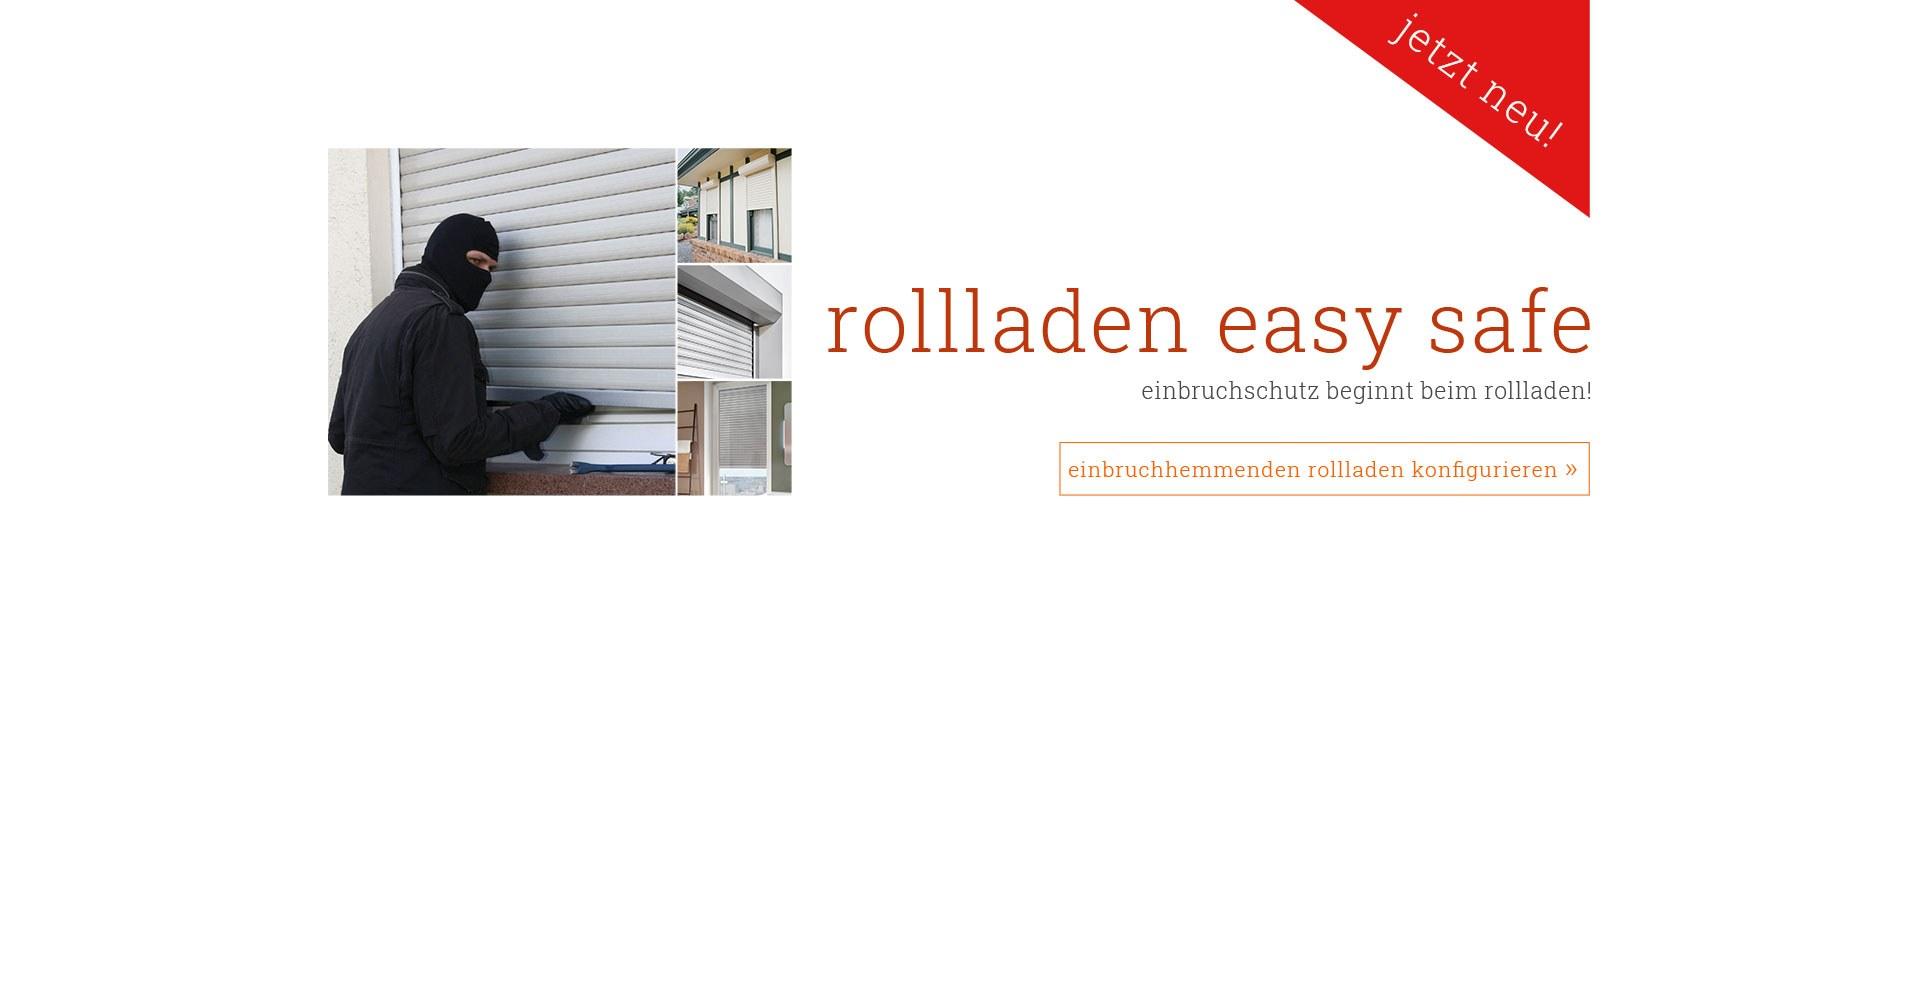 Einbruchhemmender Rollladen Easy Safe